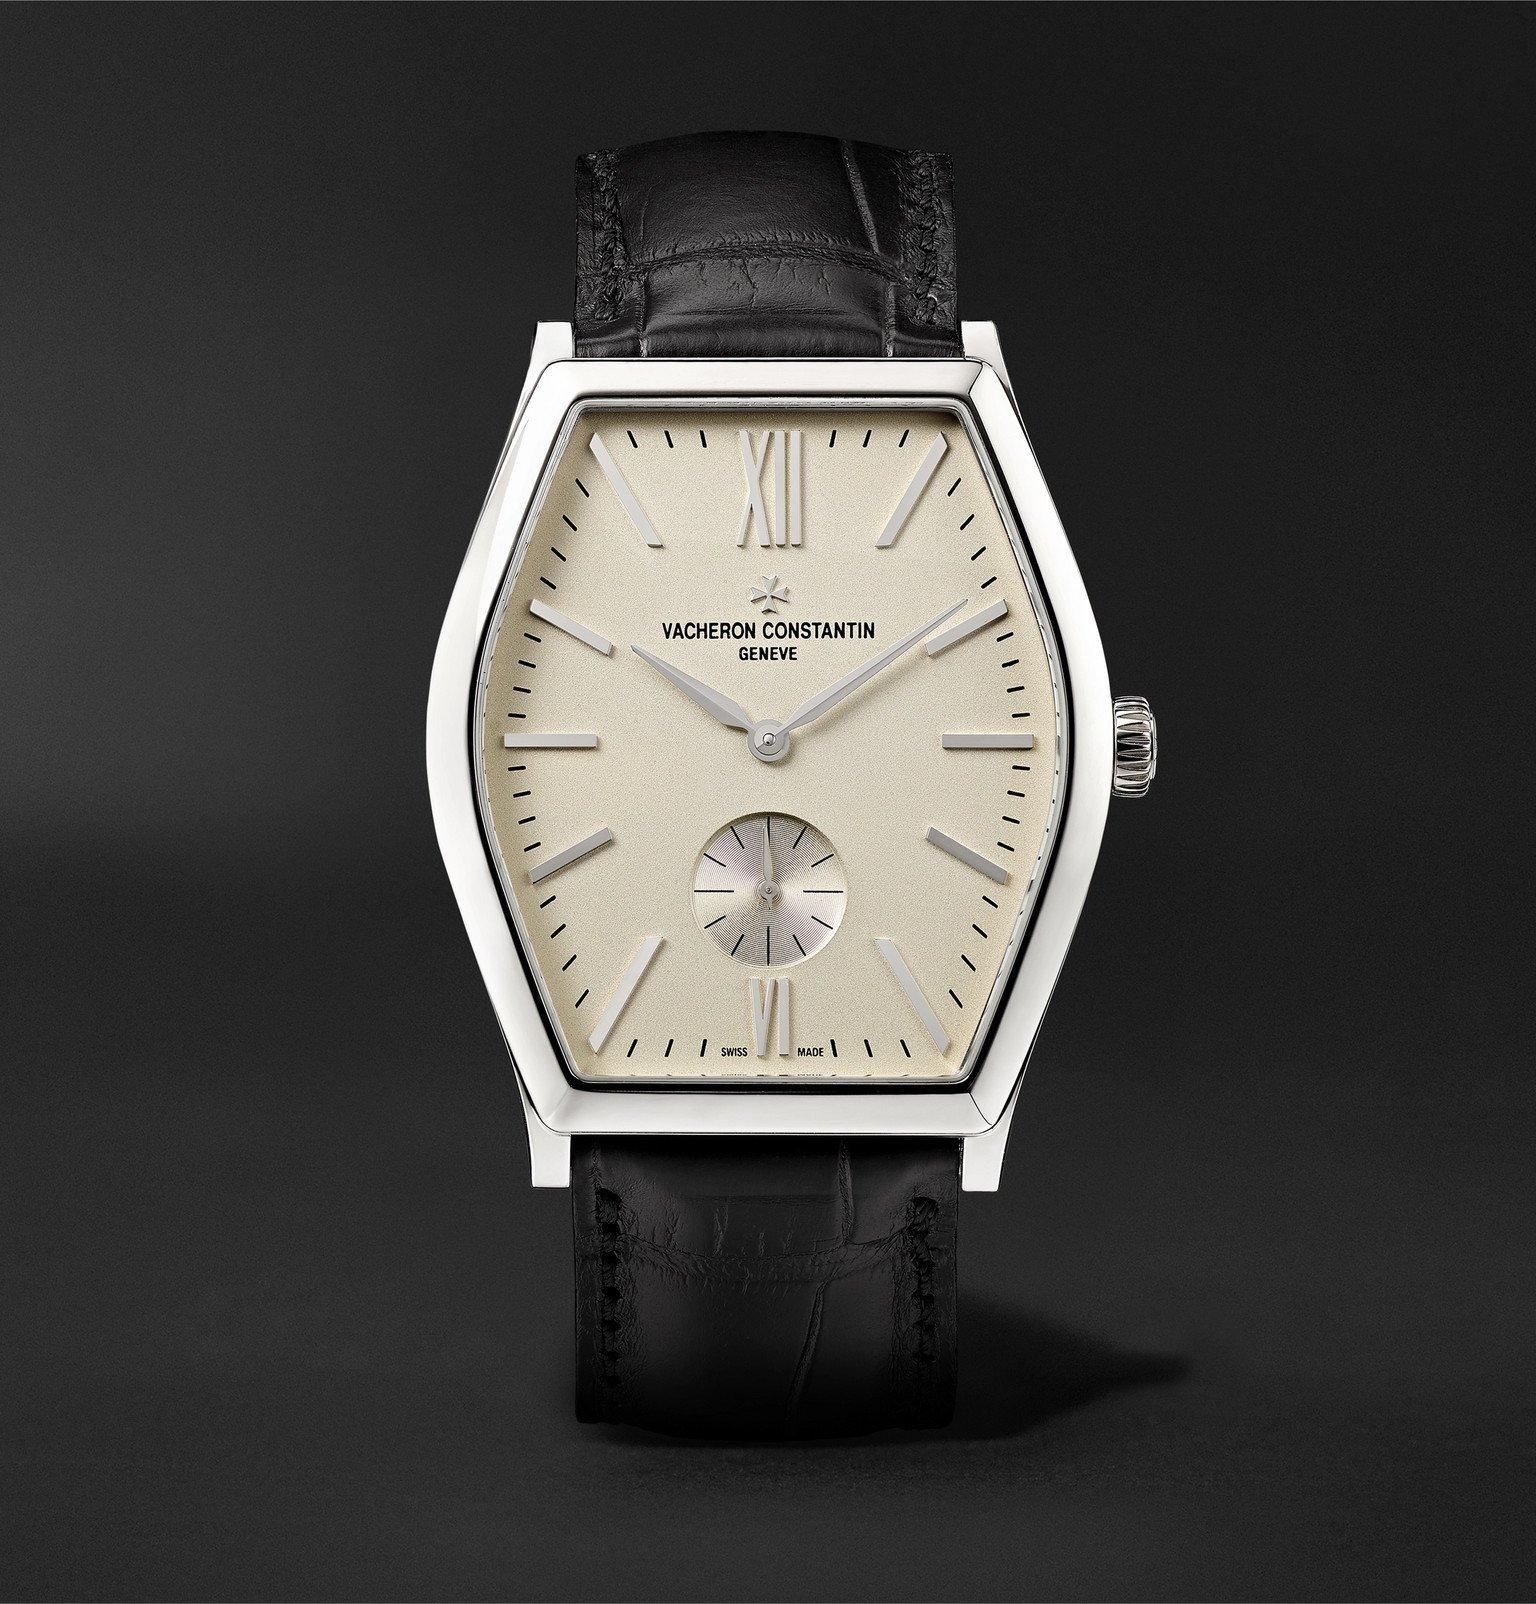 Photo: Vacheron Constantin - Malte Hand-Wound 42mm 18-Karat White Gold and Alligator Watch, Ref. No. 82230/000G-9962 - Black